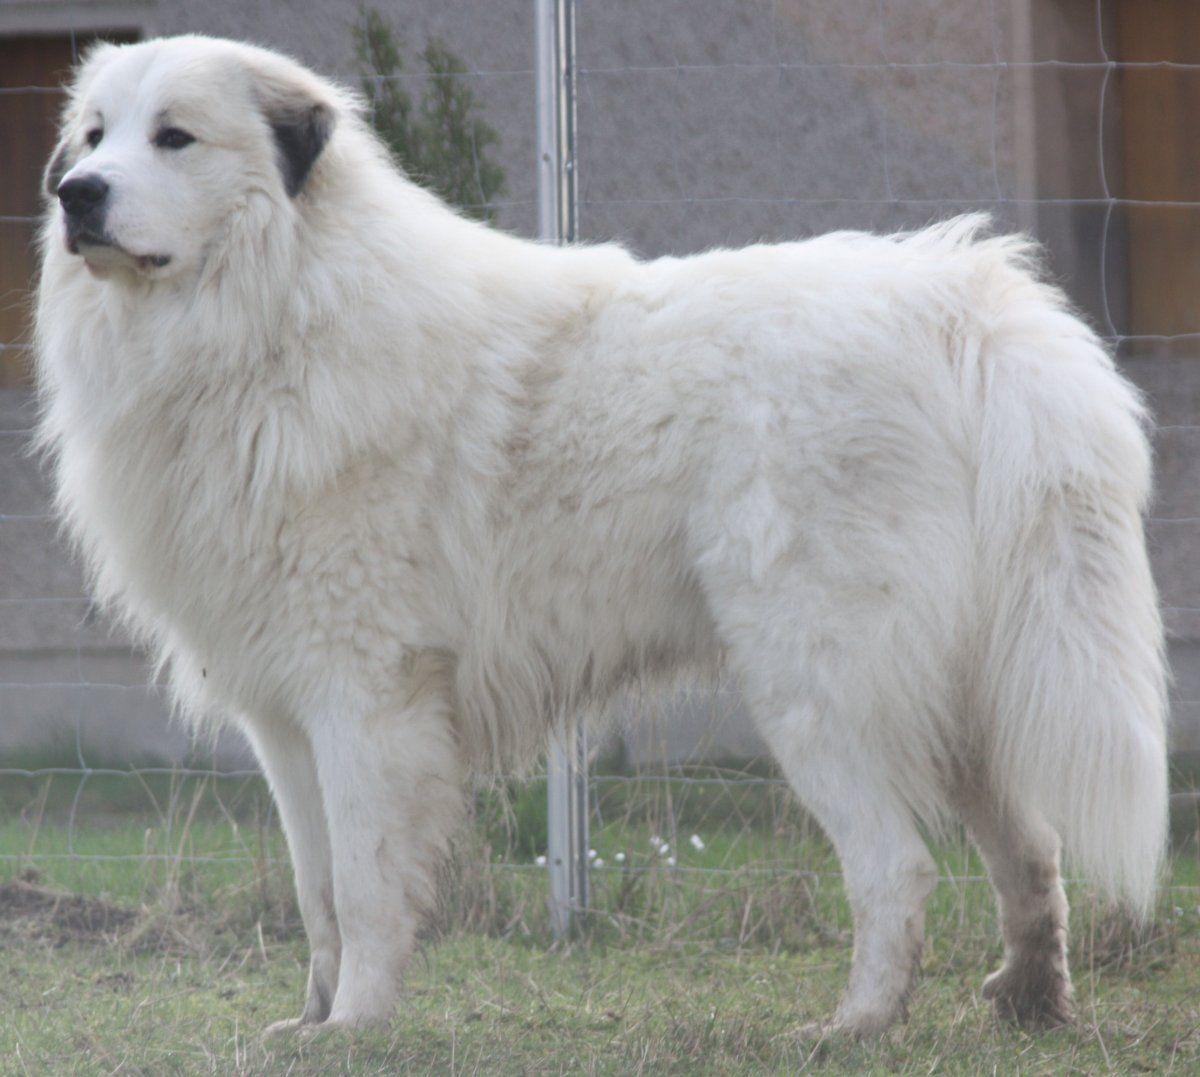 Pyrenaenberghunde Von Ehrenberger Hof Pyrenaenberghunde Pyrenaenberghunde Pyrenaen Hund Niedliche Hunde Hunde